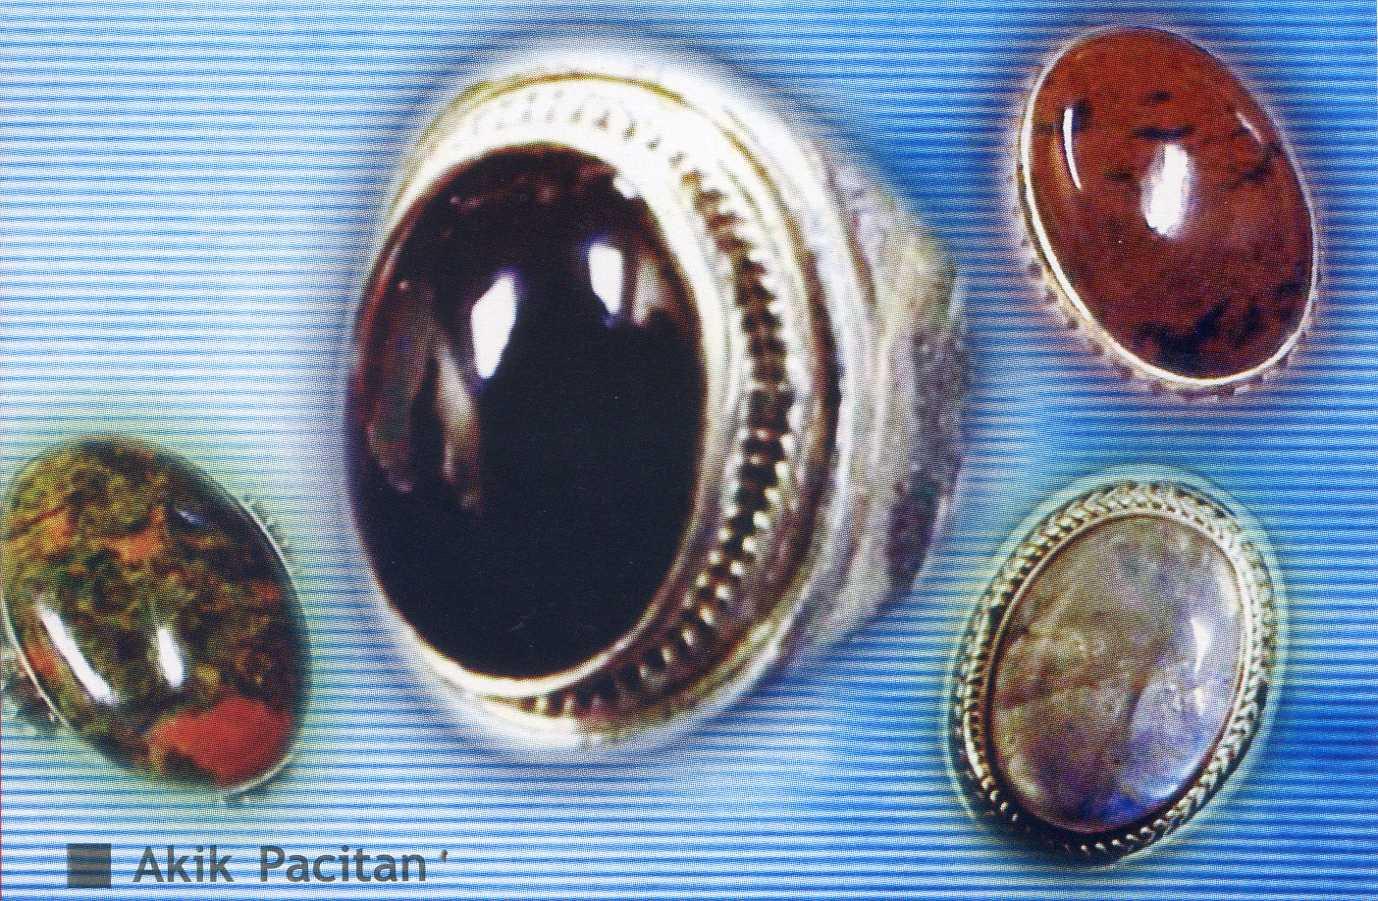 Secara spisifik, Akik Pacitan mempunyai ciri khas dibandingkan dengan ...